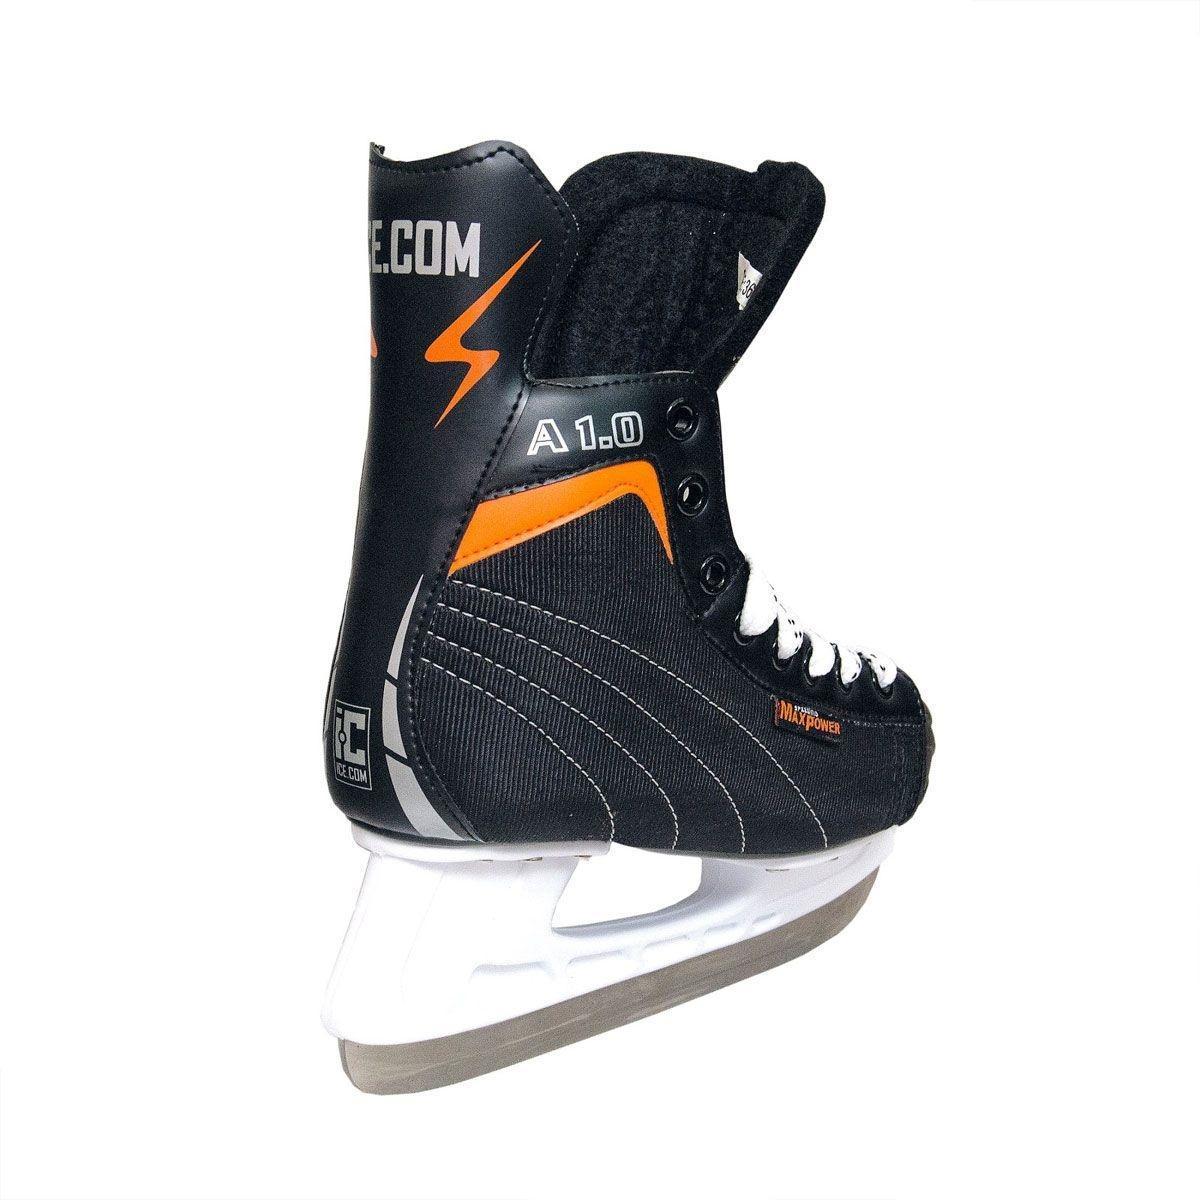 Коньки хоккейные Ice.Com A 1.0, цвет: черный, оранжевый. Размер 43